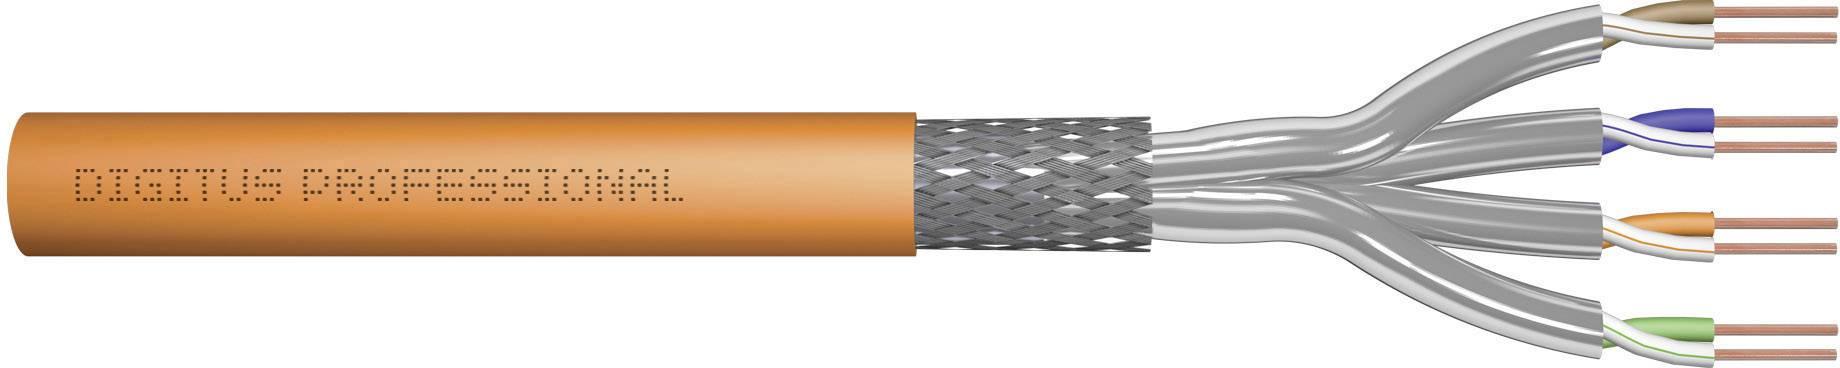 Ethernetový síťový kabel CAT 7 Digitus Professional DK-1743-VH-10, S/FTP, 4 x 2 x 0.25 mm², oranžová, 1000 m